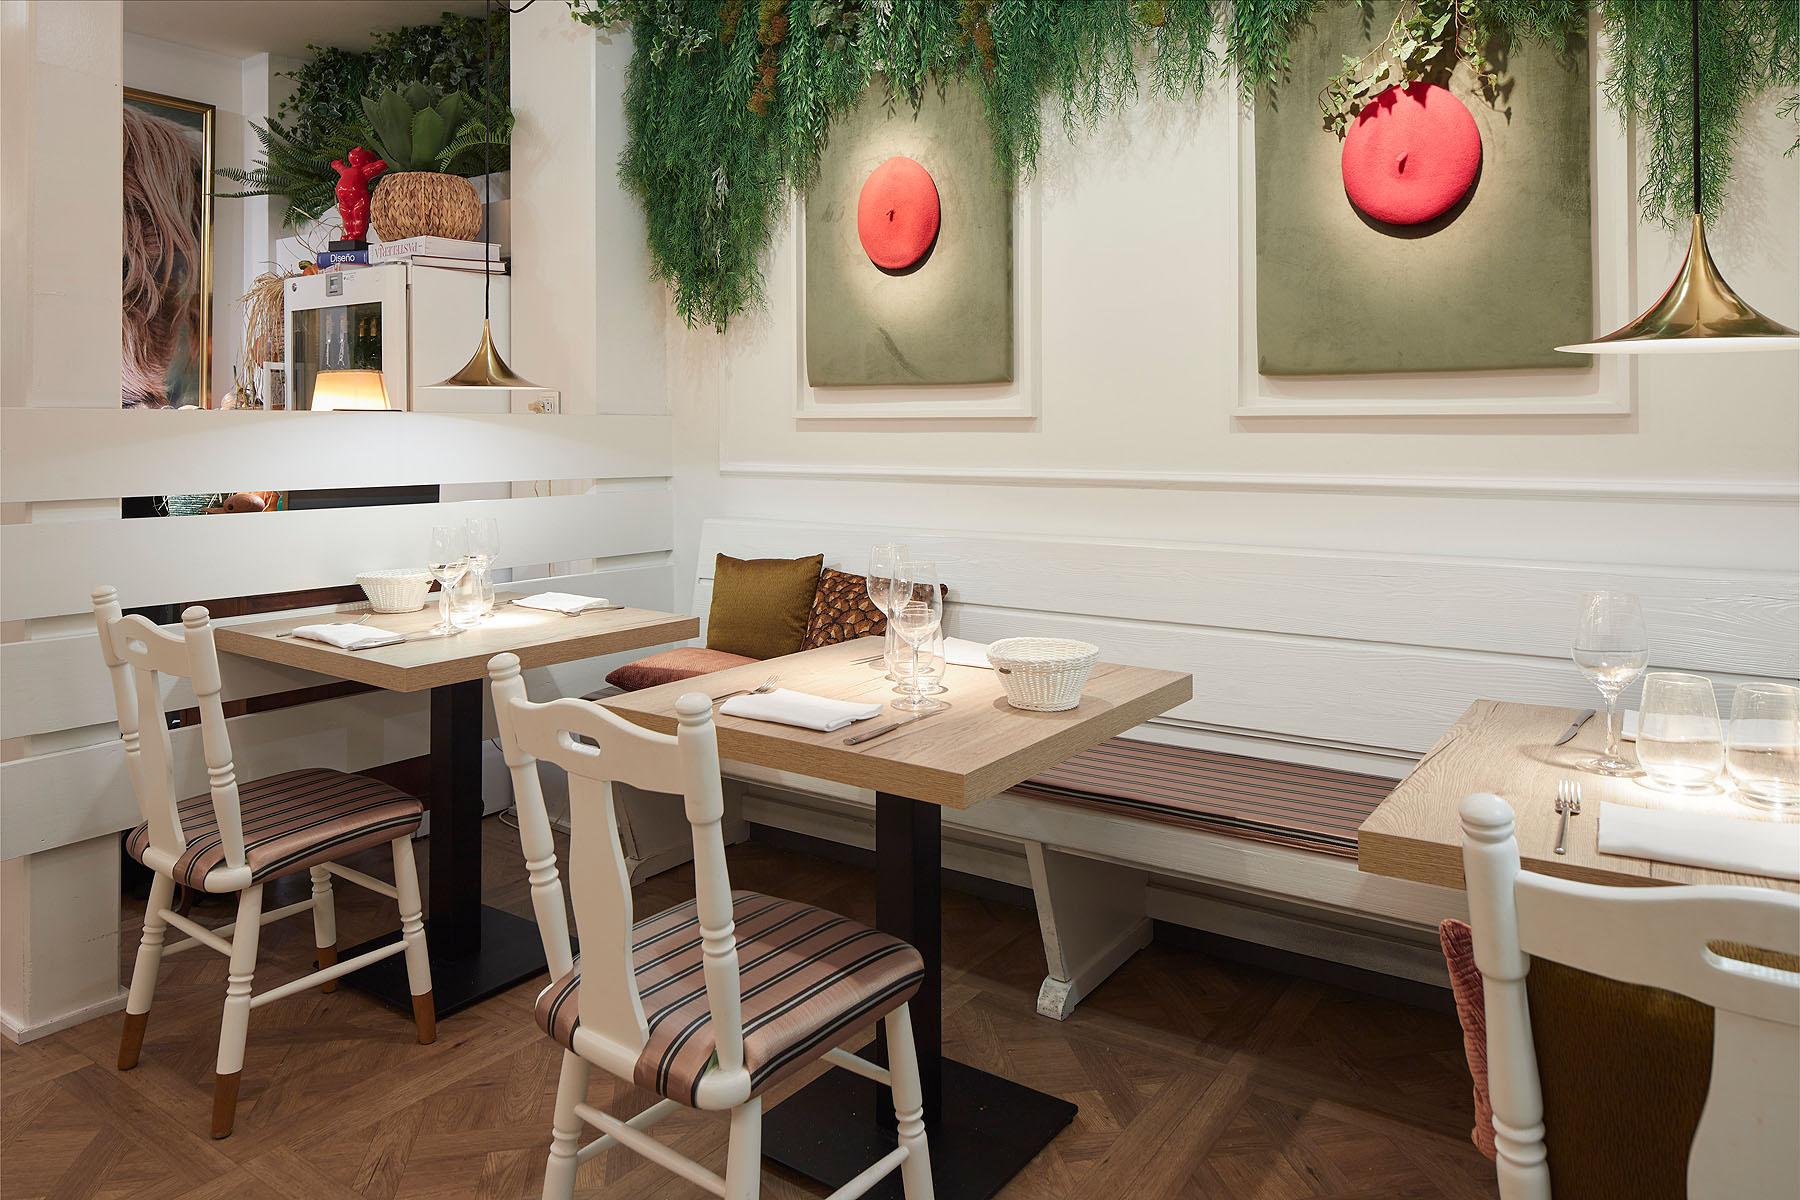 Restaurante Alderdi Zahar - Iñaki Caperochipi - Fotografía